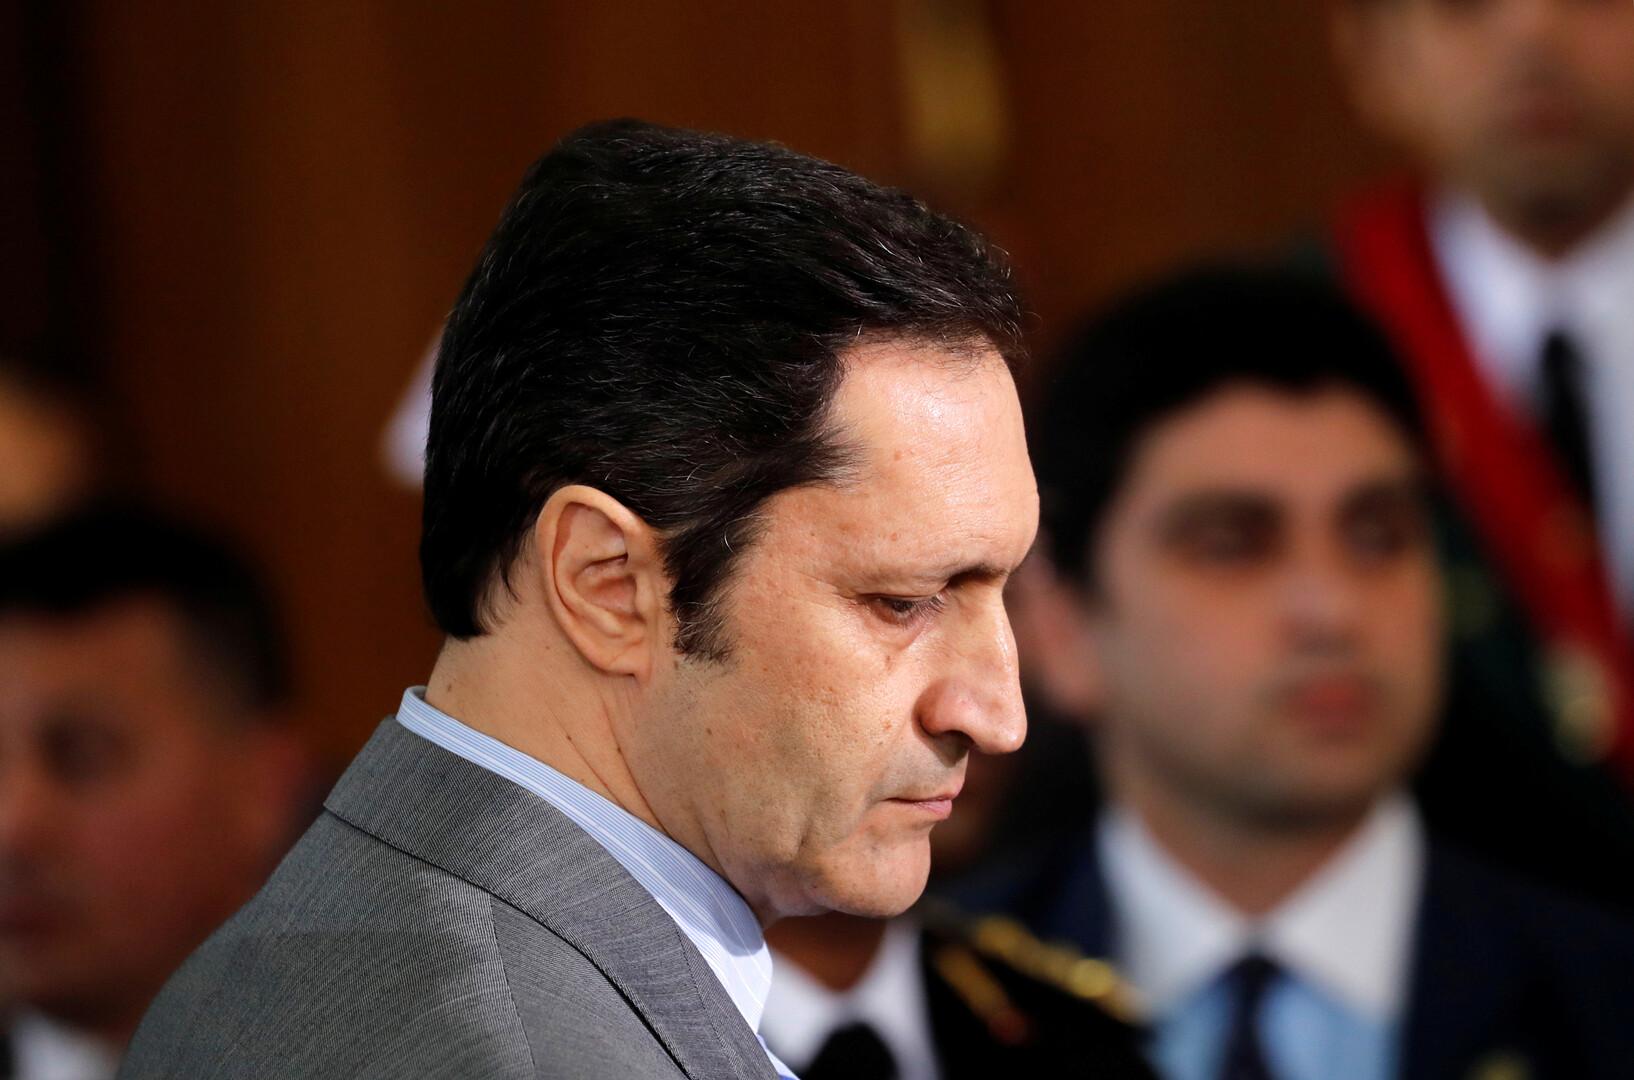 علاء مبارك، نجل الرئيس المصري الأسبق حسني مبارك